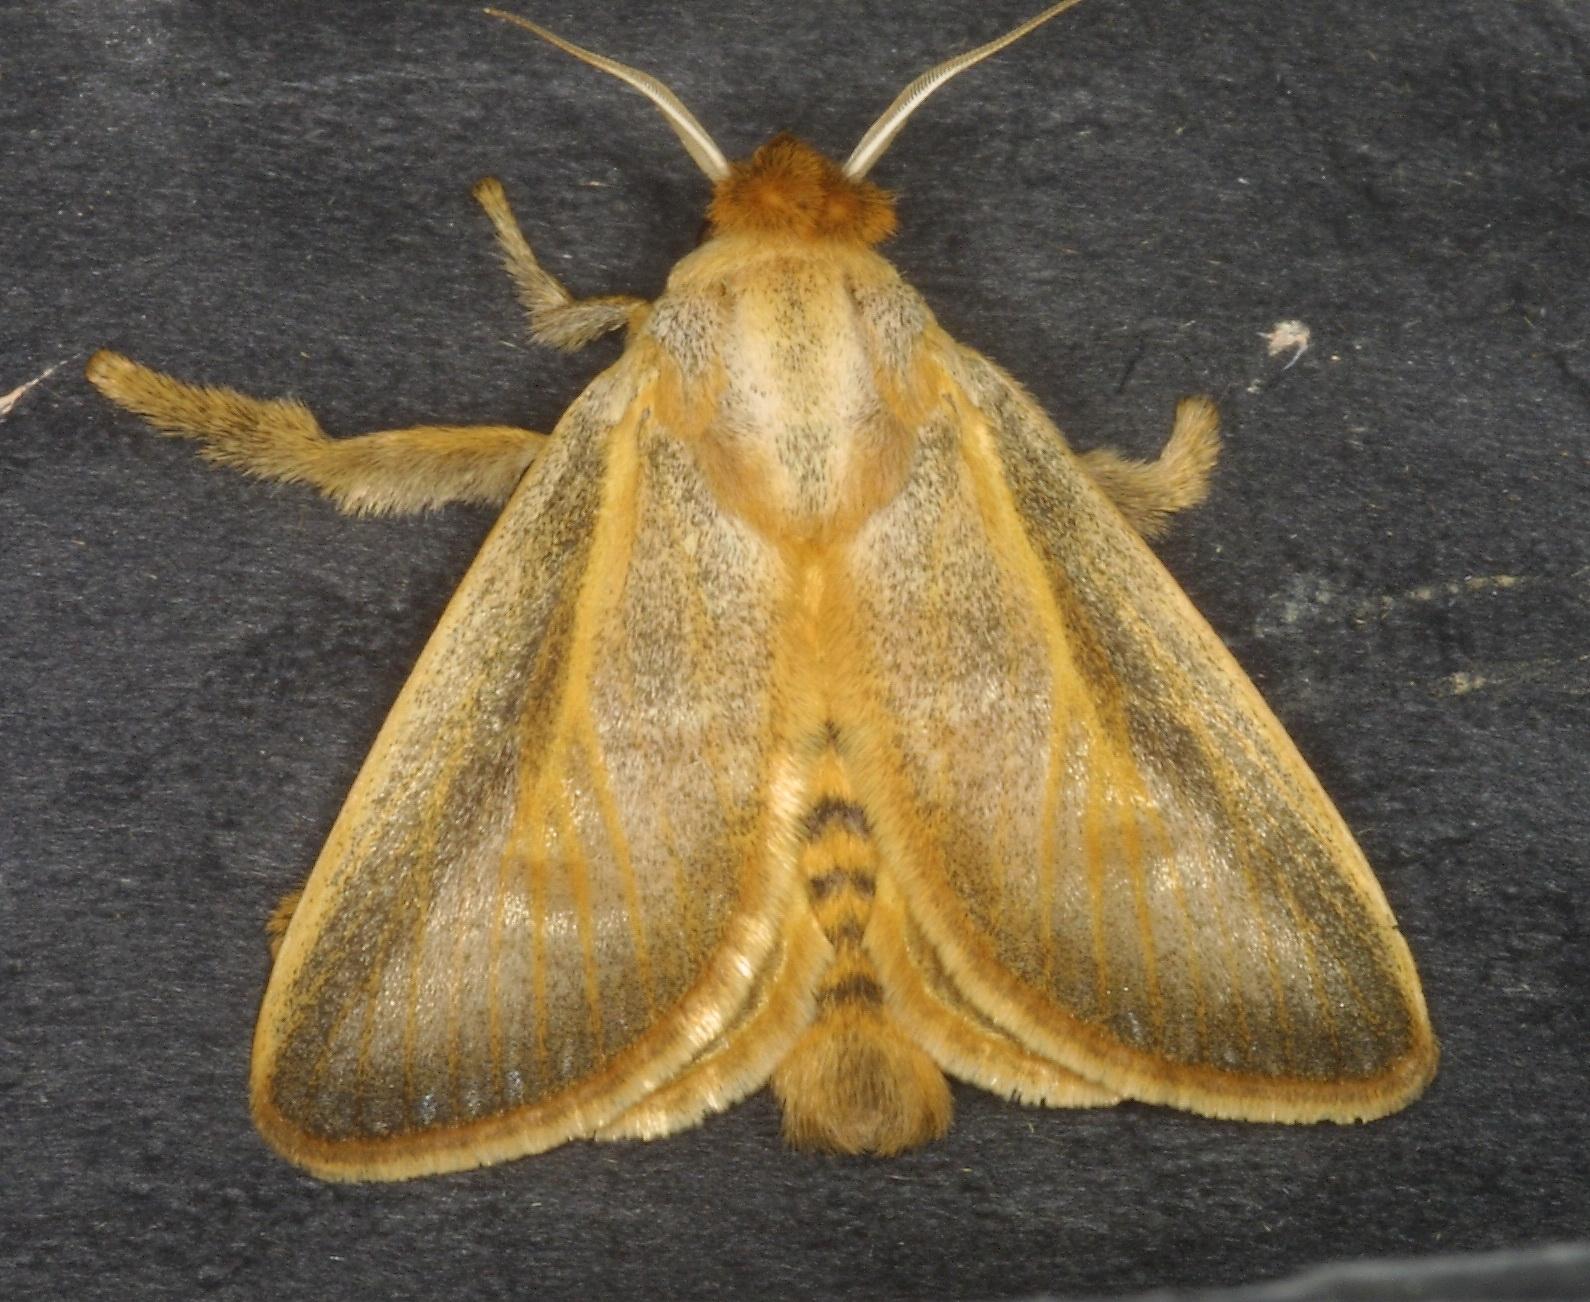 Limacodidae-7